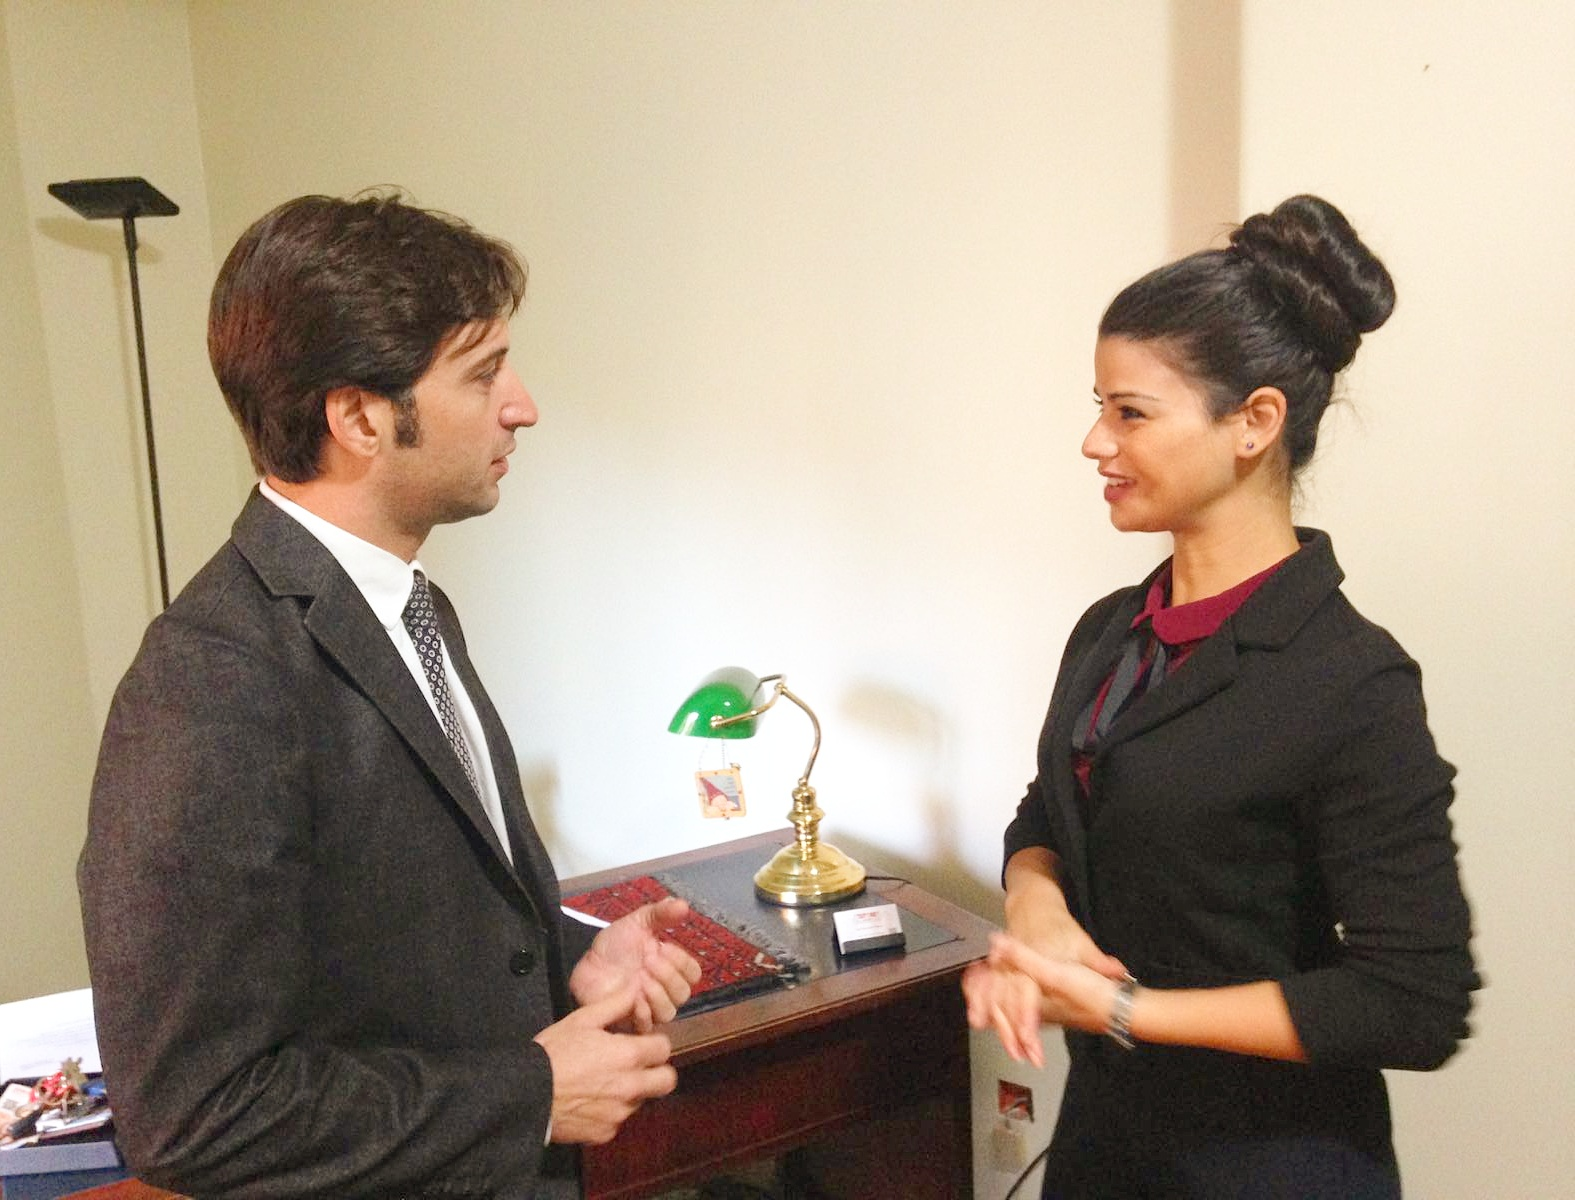 Avvocato del Martedì con Fabrizio Ferrandelli